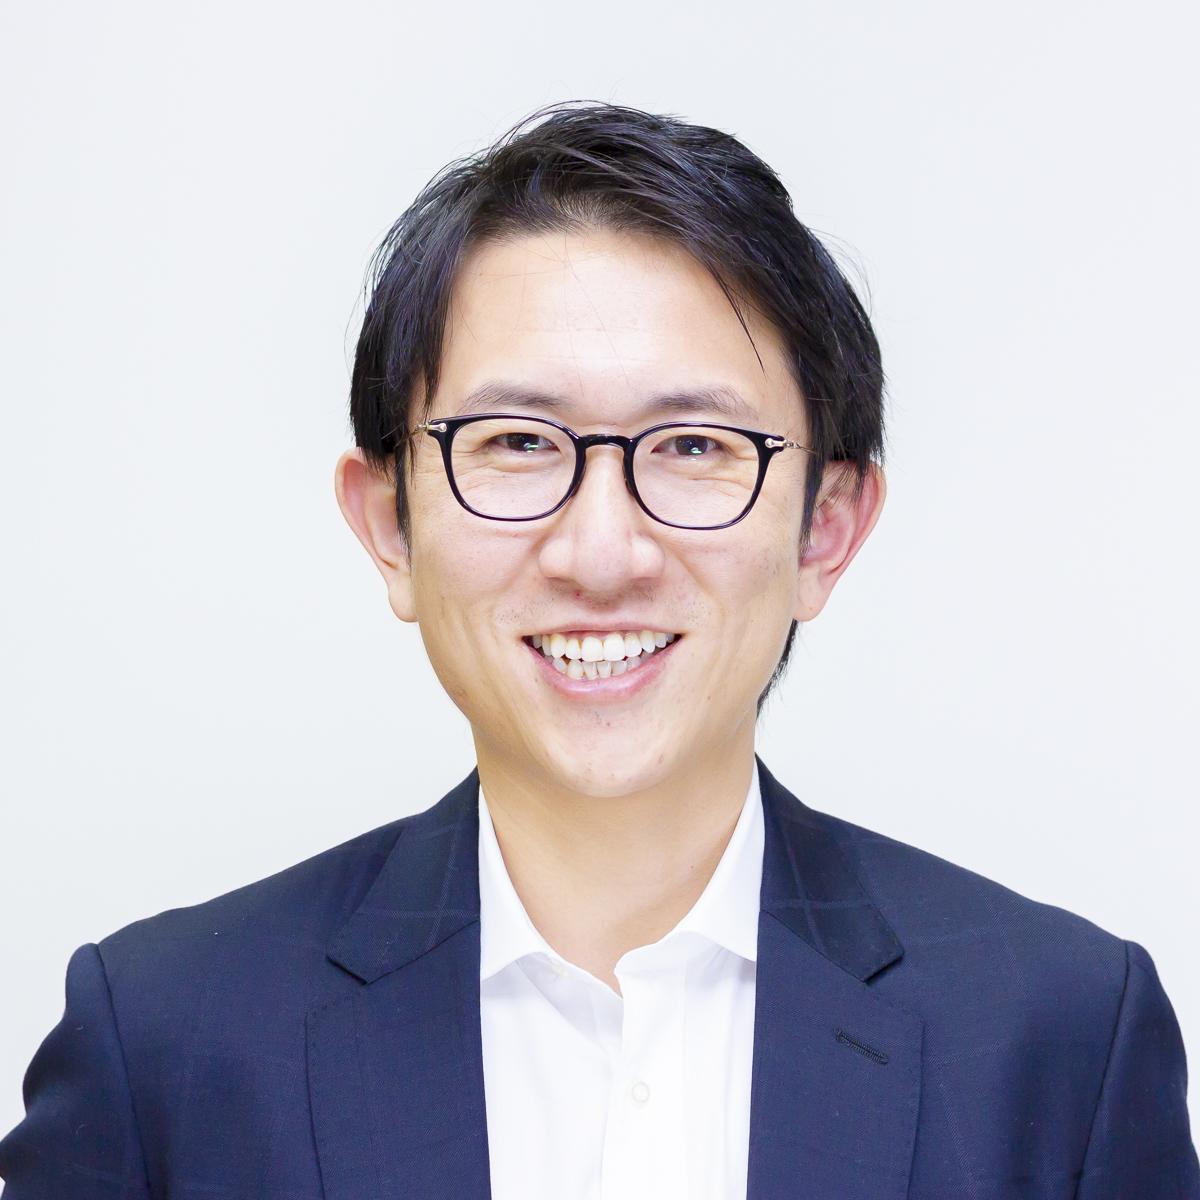 林 良太 氏 | 株式会社Finatextホールディングス 代表取締役CEO